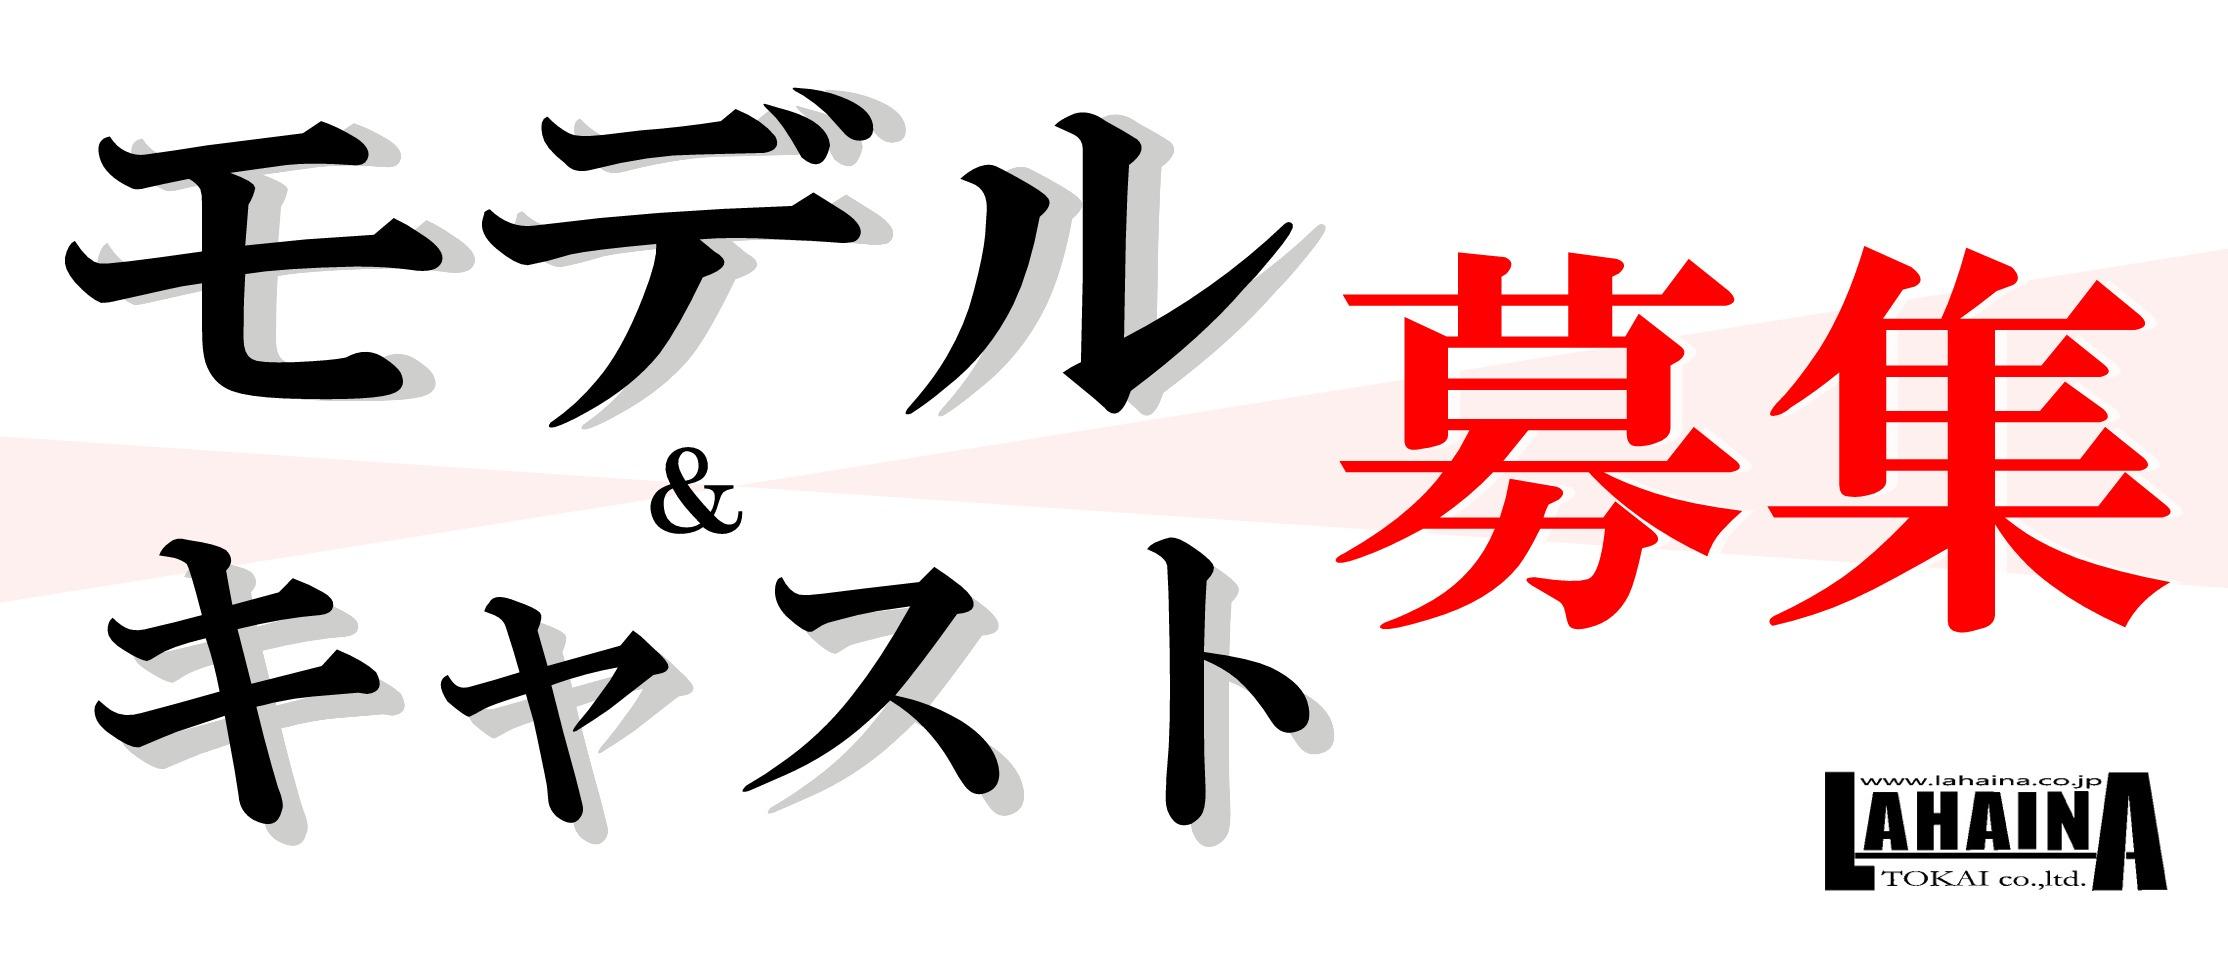 ラハイナ東海・モデル&キャスト募集